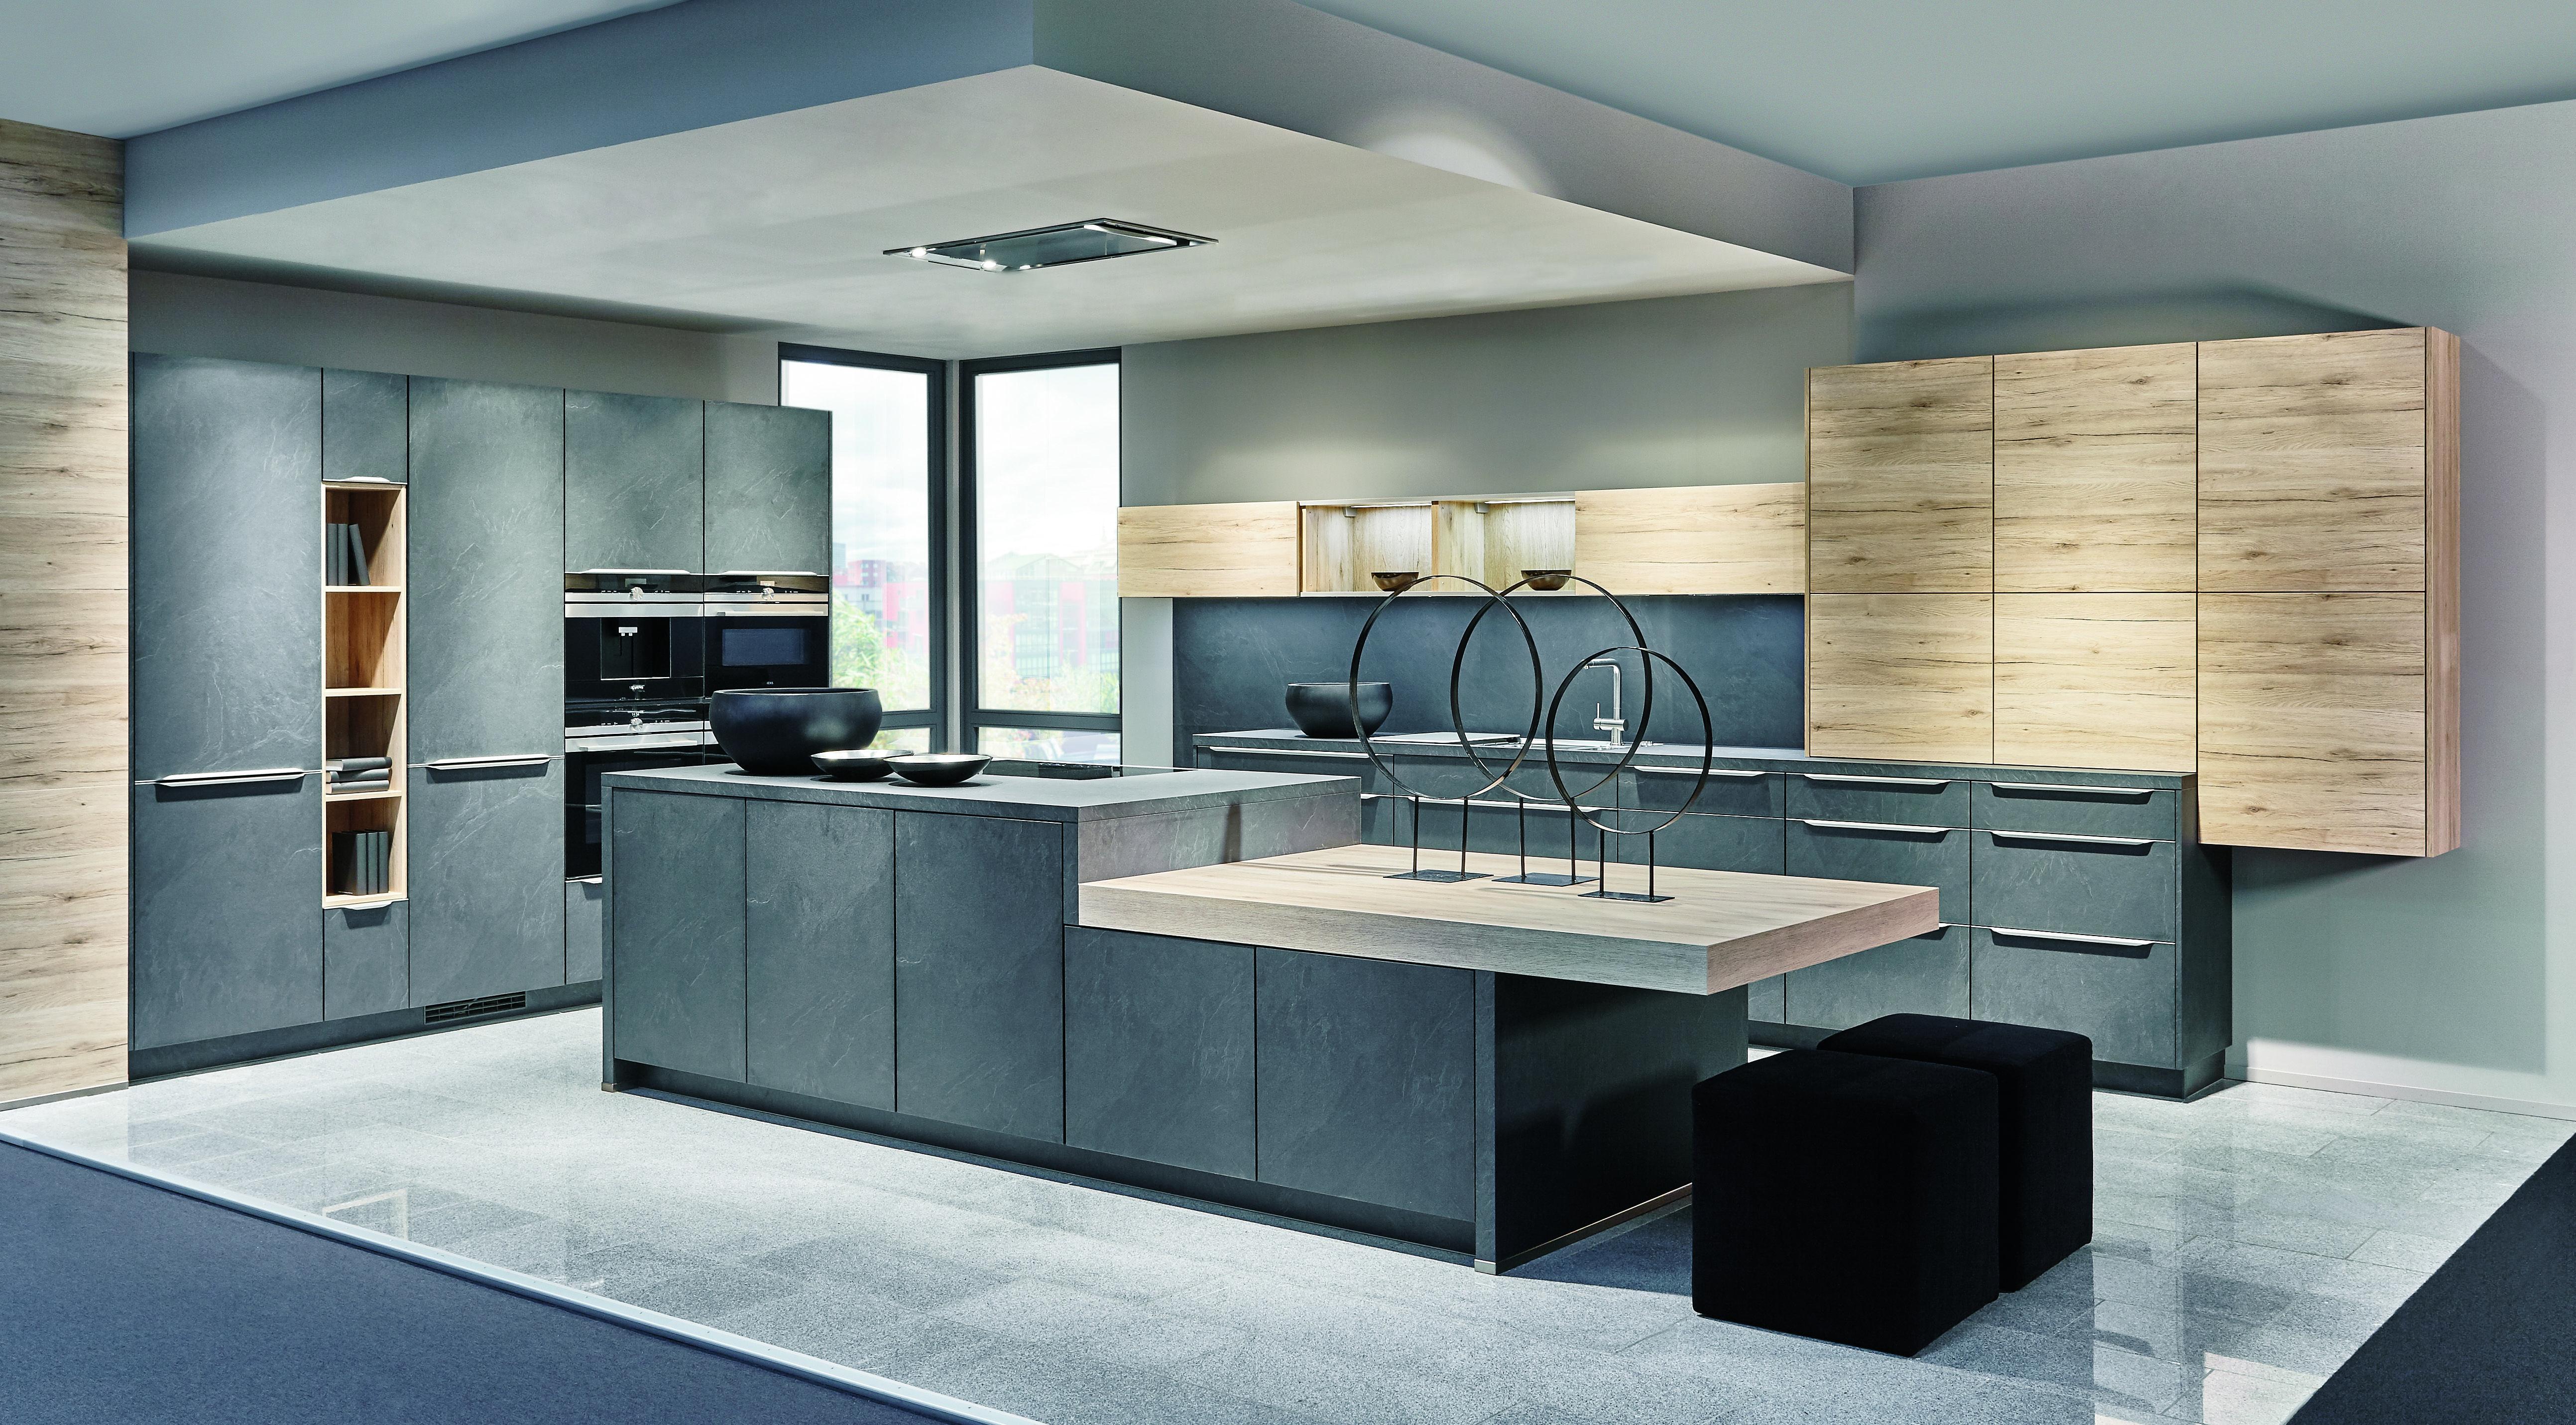 Die Küchentrend Farbe 2018 Ist Grau U2013 Kein Wunder, Denn Die Farbe Kann Auf